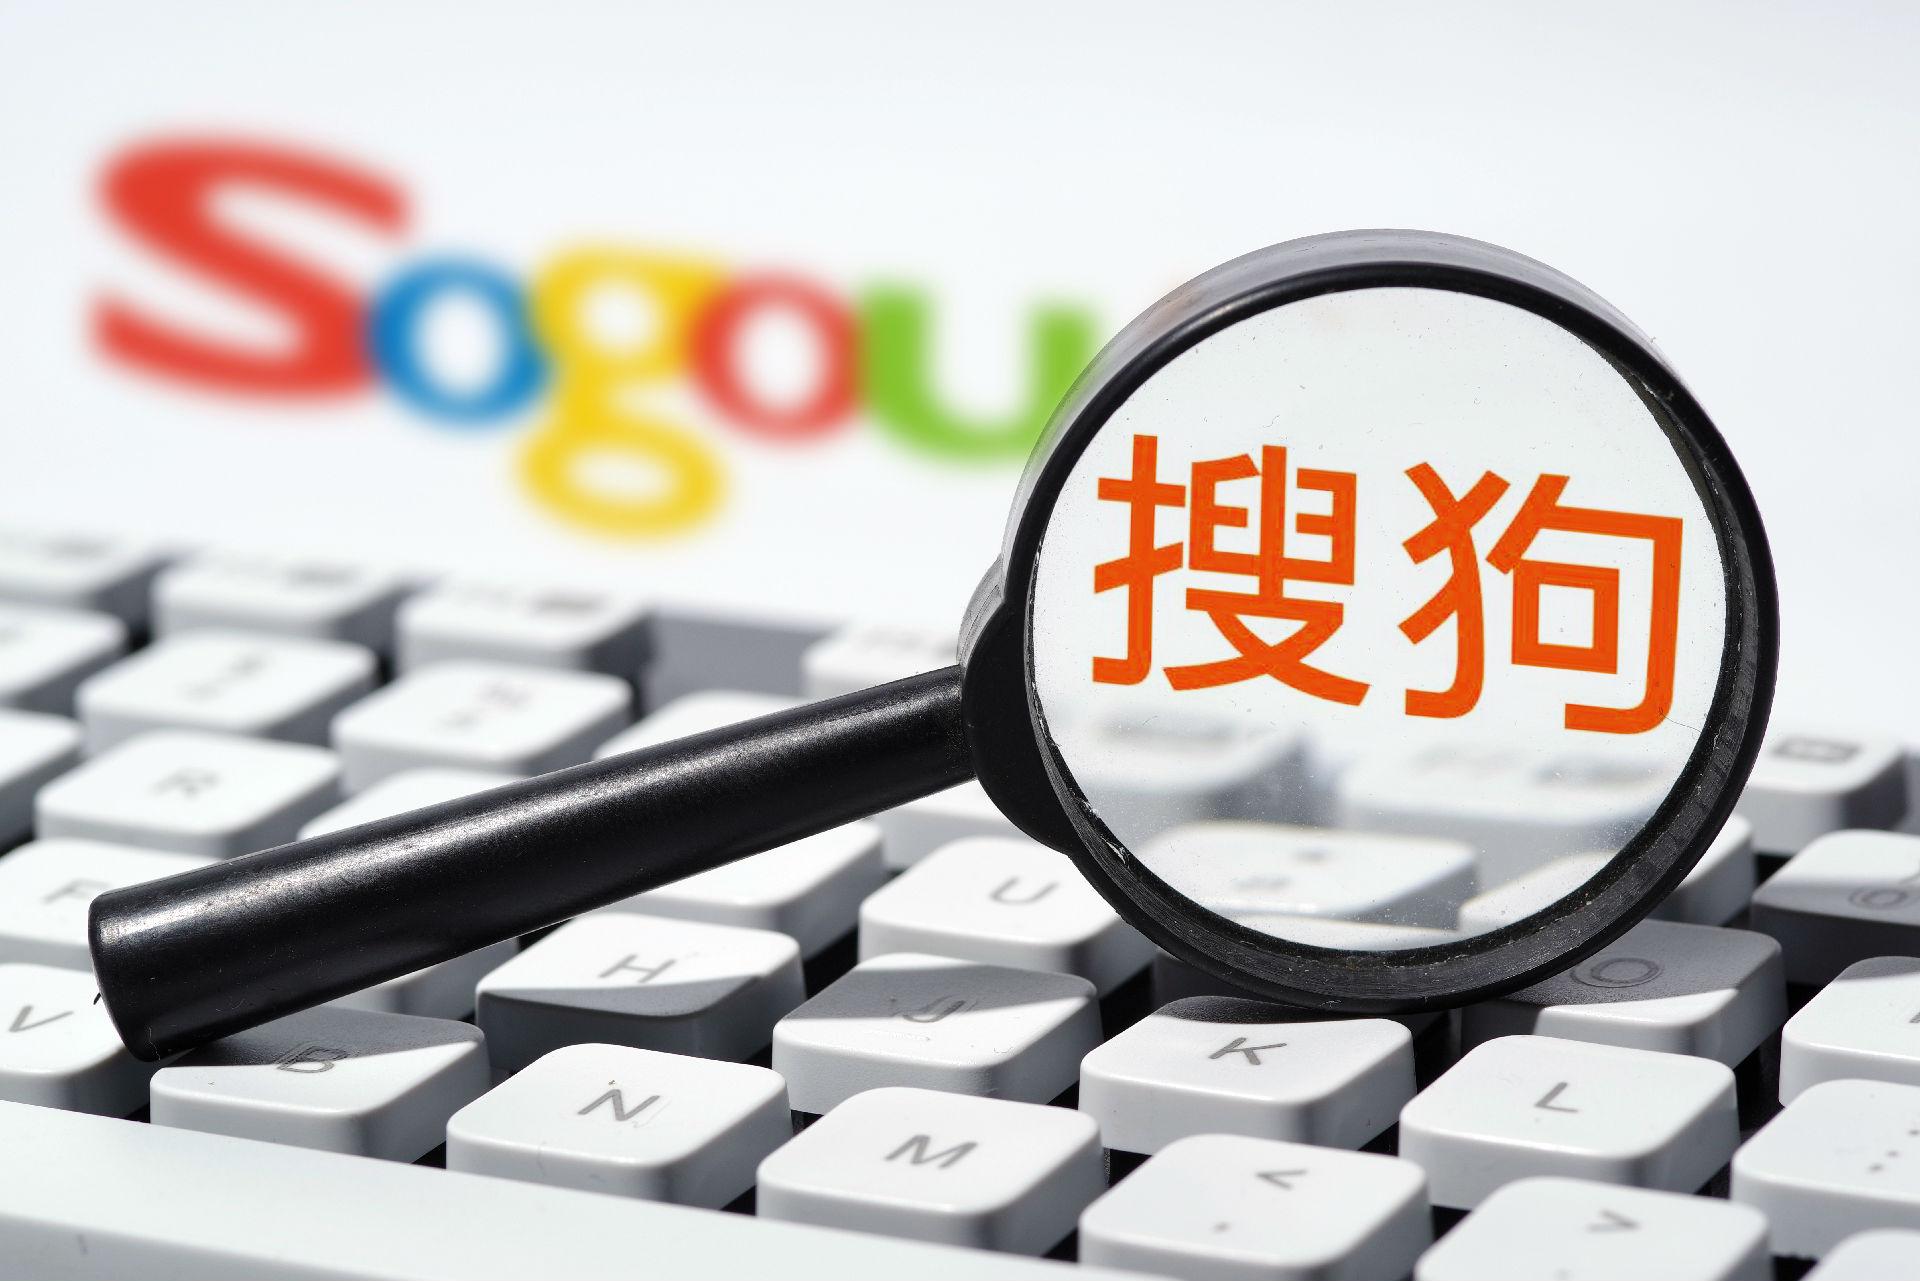 搜狗内外交困:搜索业务遇劲敌,智能硬件销售疲软